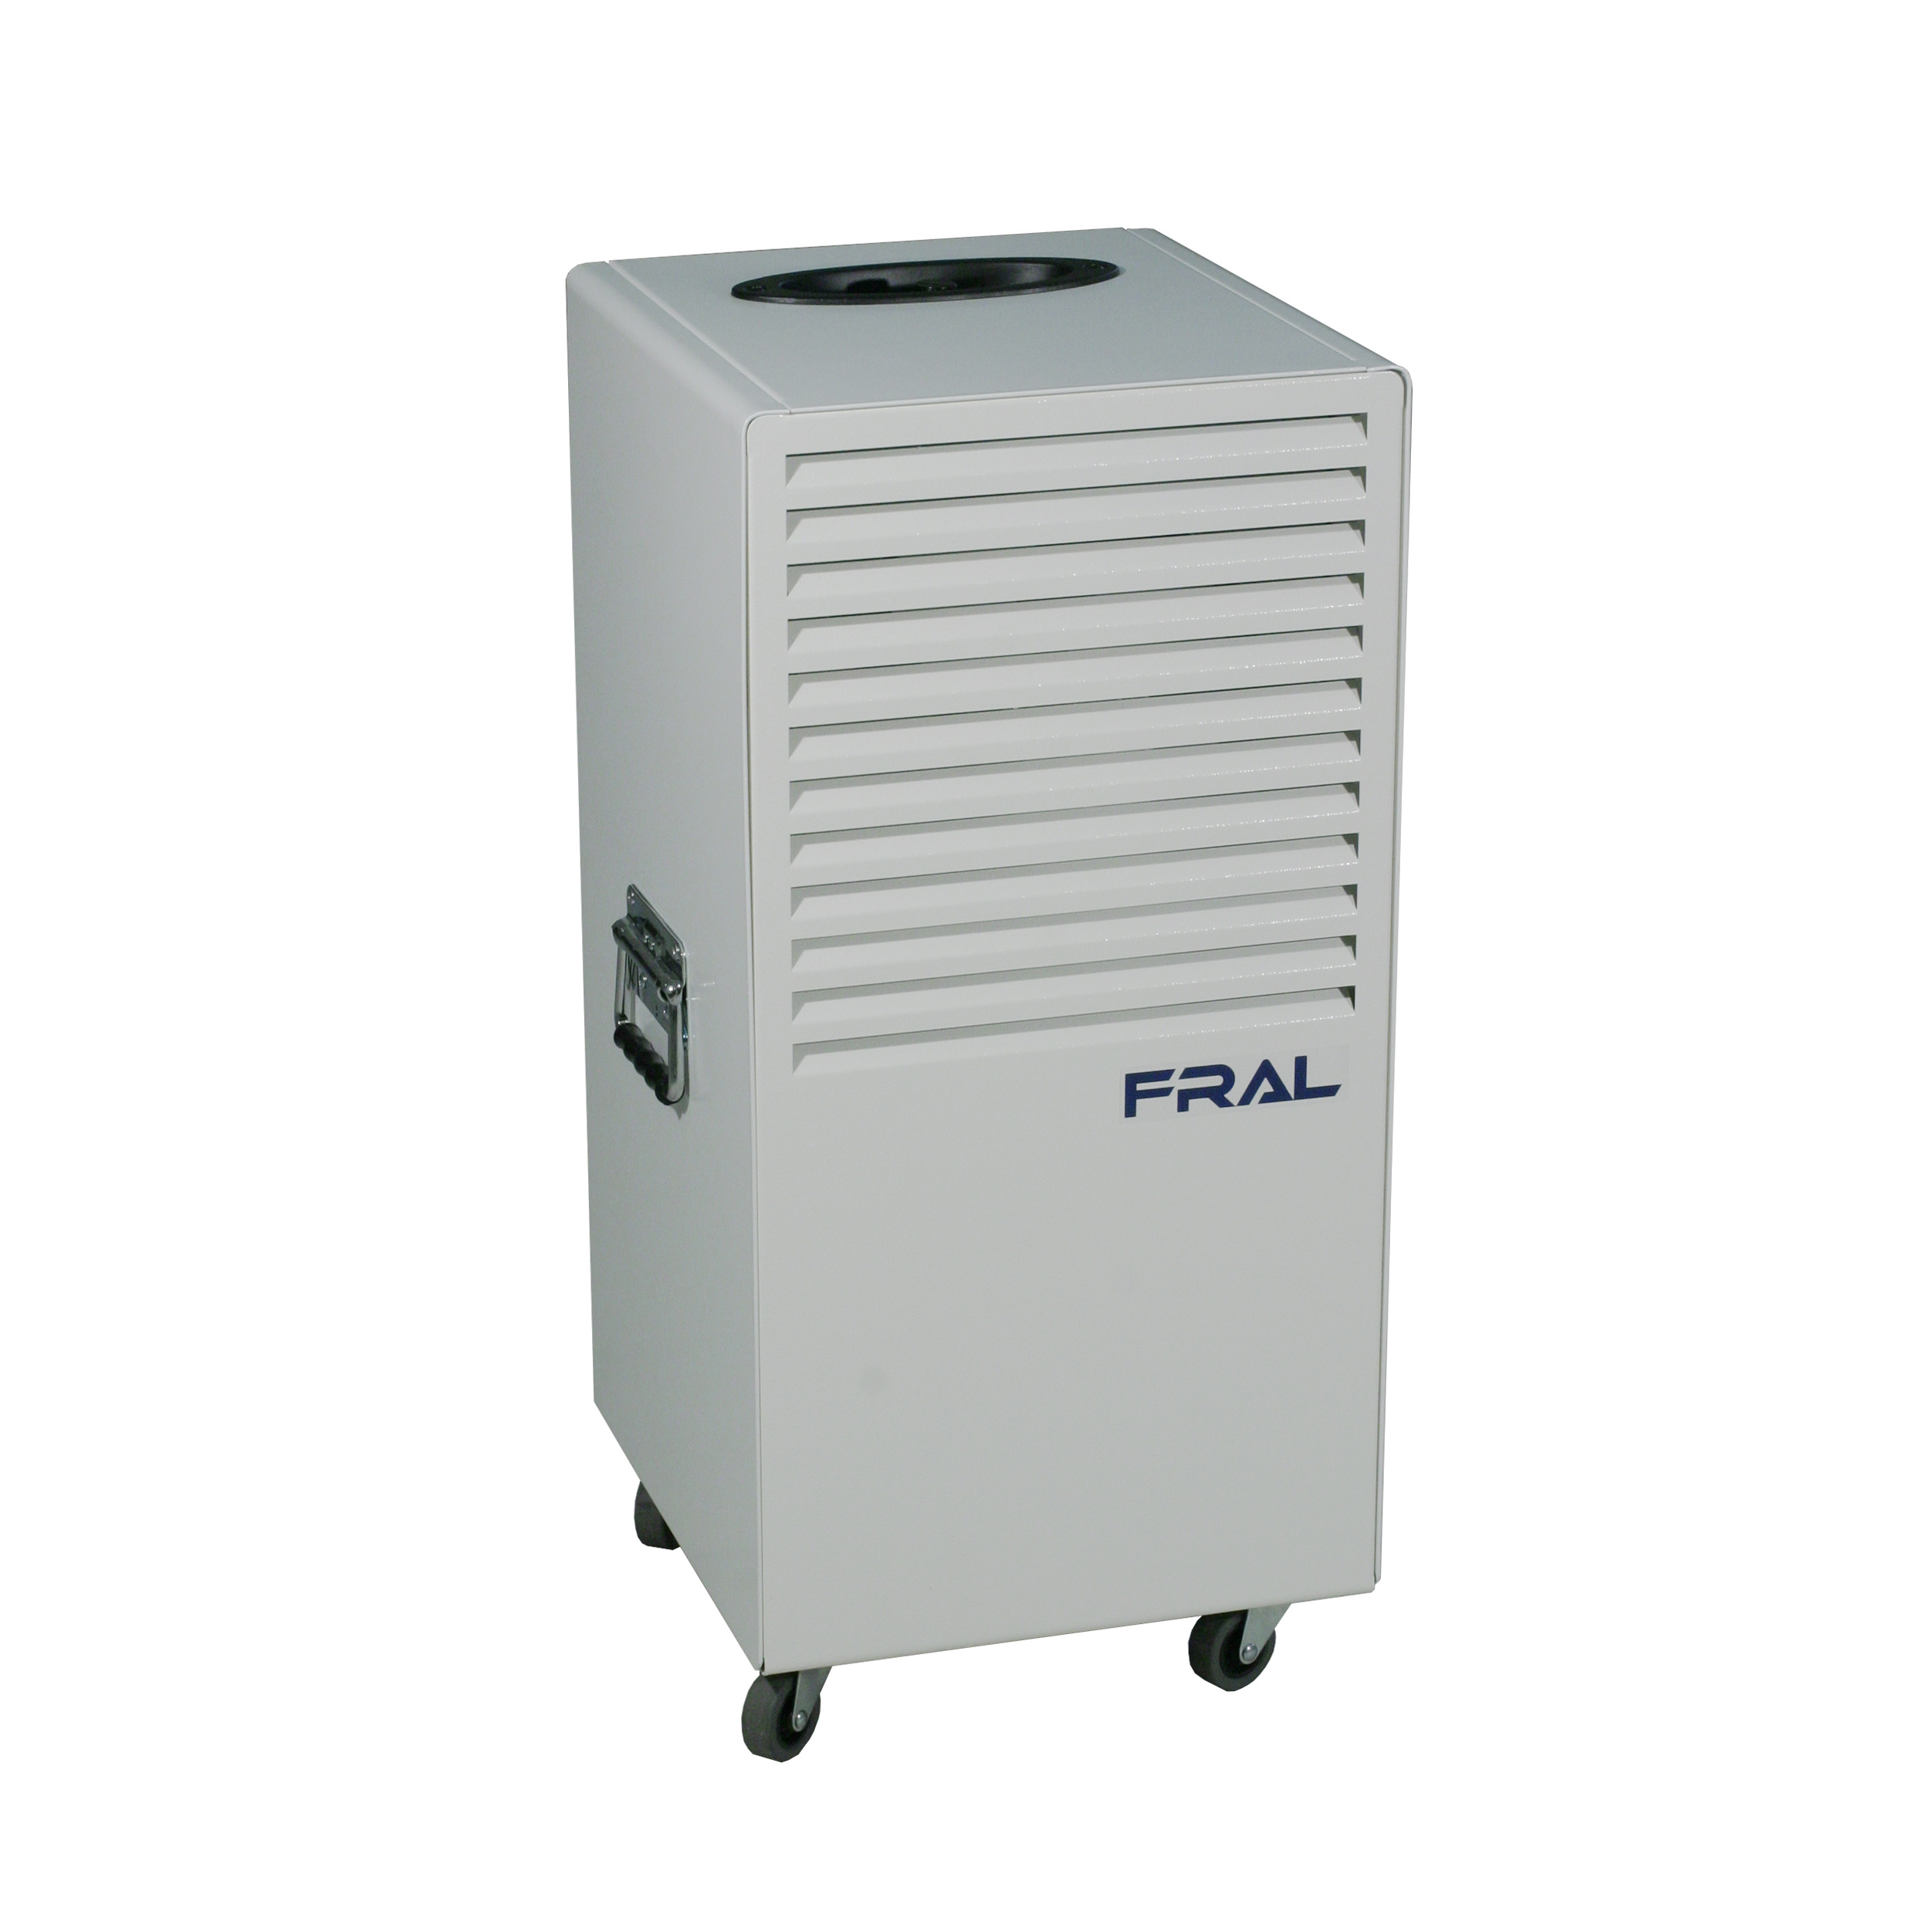 Fral FDNF62 Επαγγελματικός Αφυγραντήρας Τροχήλατος (Aπόδοση Αφυγραντήρα: 62lt/24 κλιματισμός    αφυγραντήρες  επαγγελματικός εξοπλισμός   αφυγραντήρες  κλιματισμ